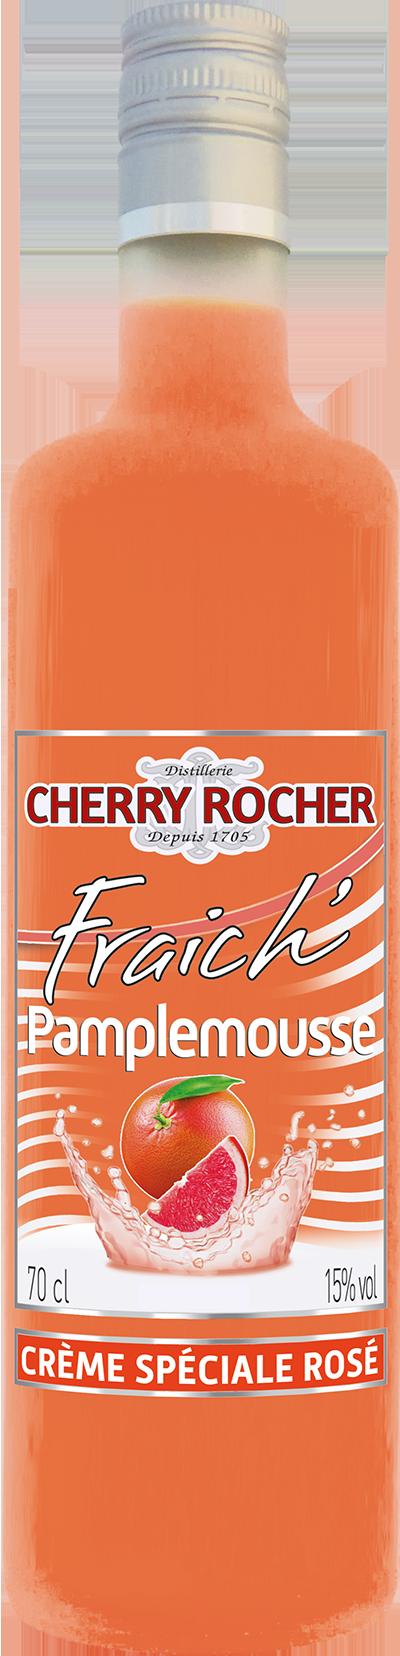 Fraich' Pamplemousse - Cherry Rocher